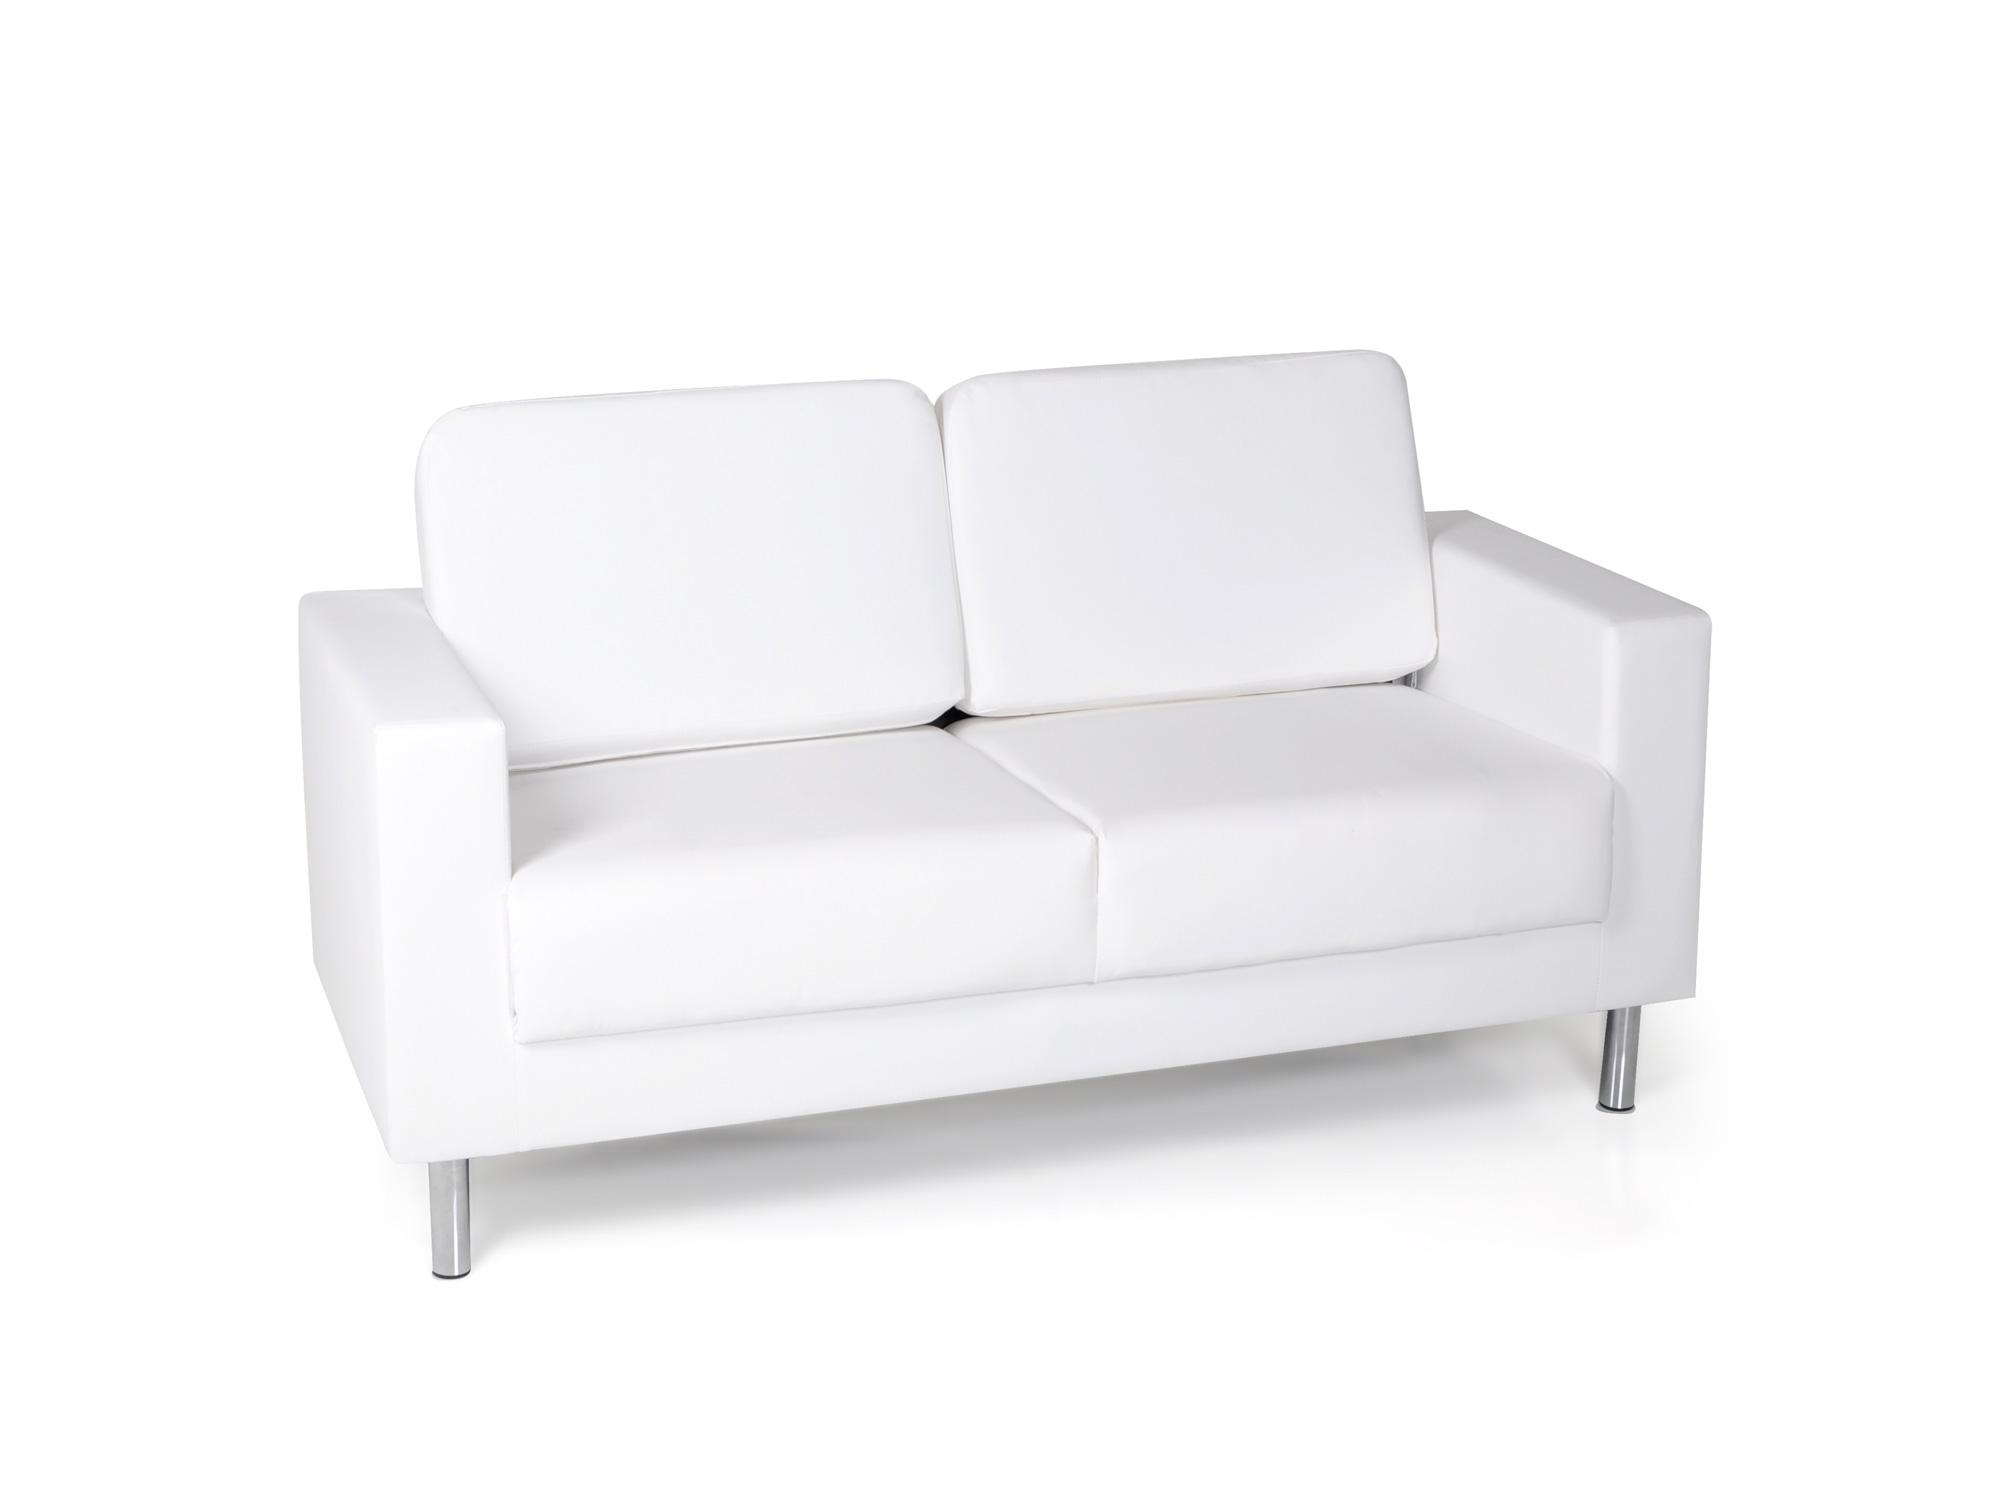 susi 2 sitzer sofa kunstleder weiss. Black Bedroom Furniture Sets. Home Design Ideas